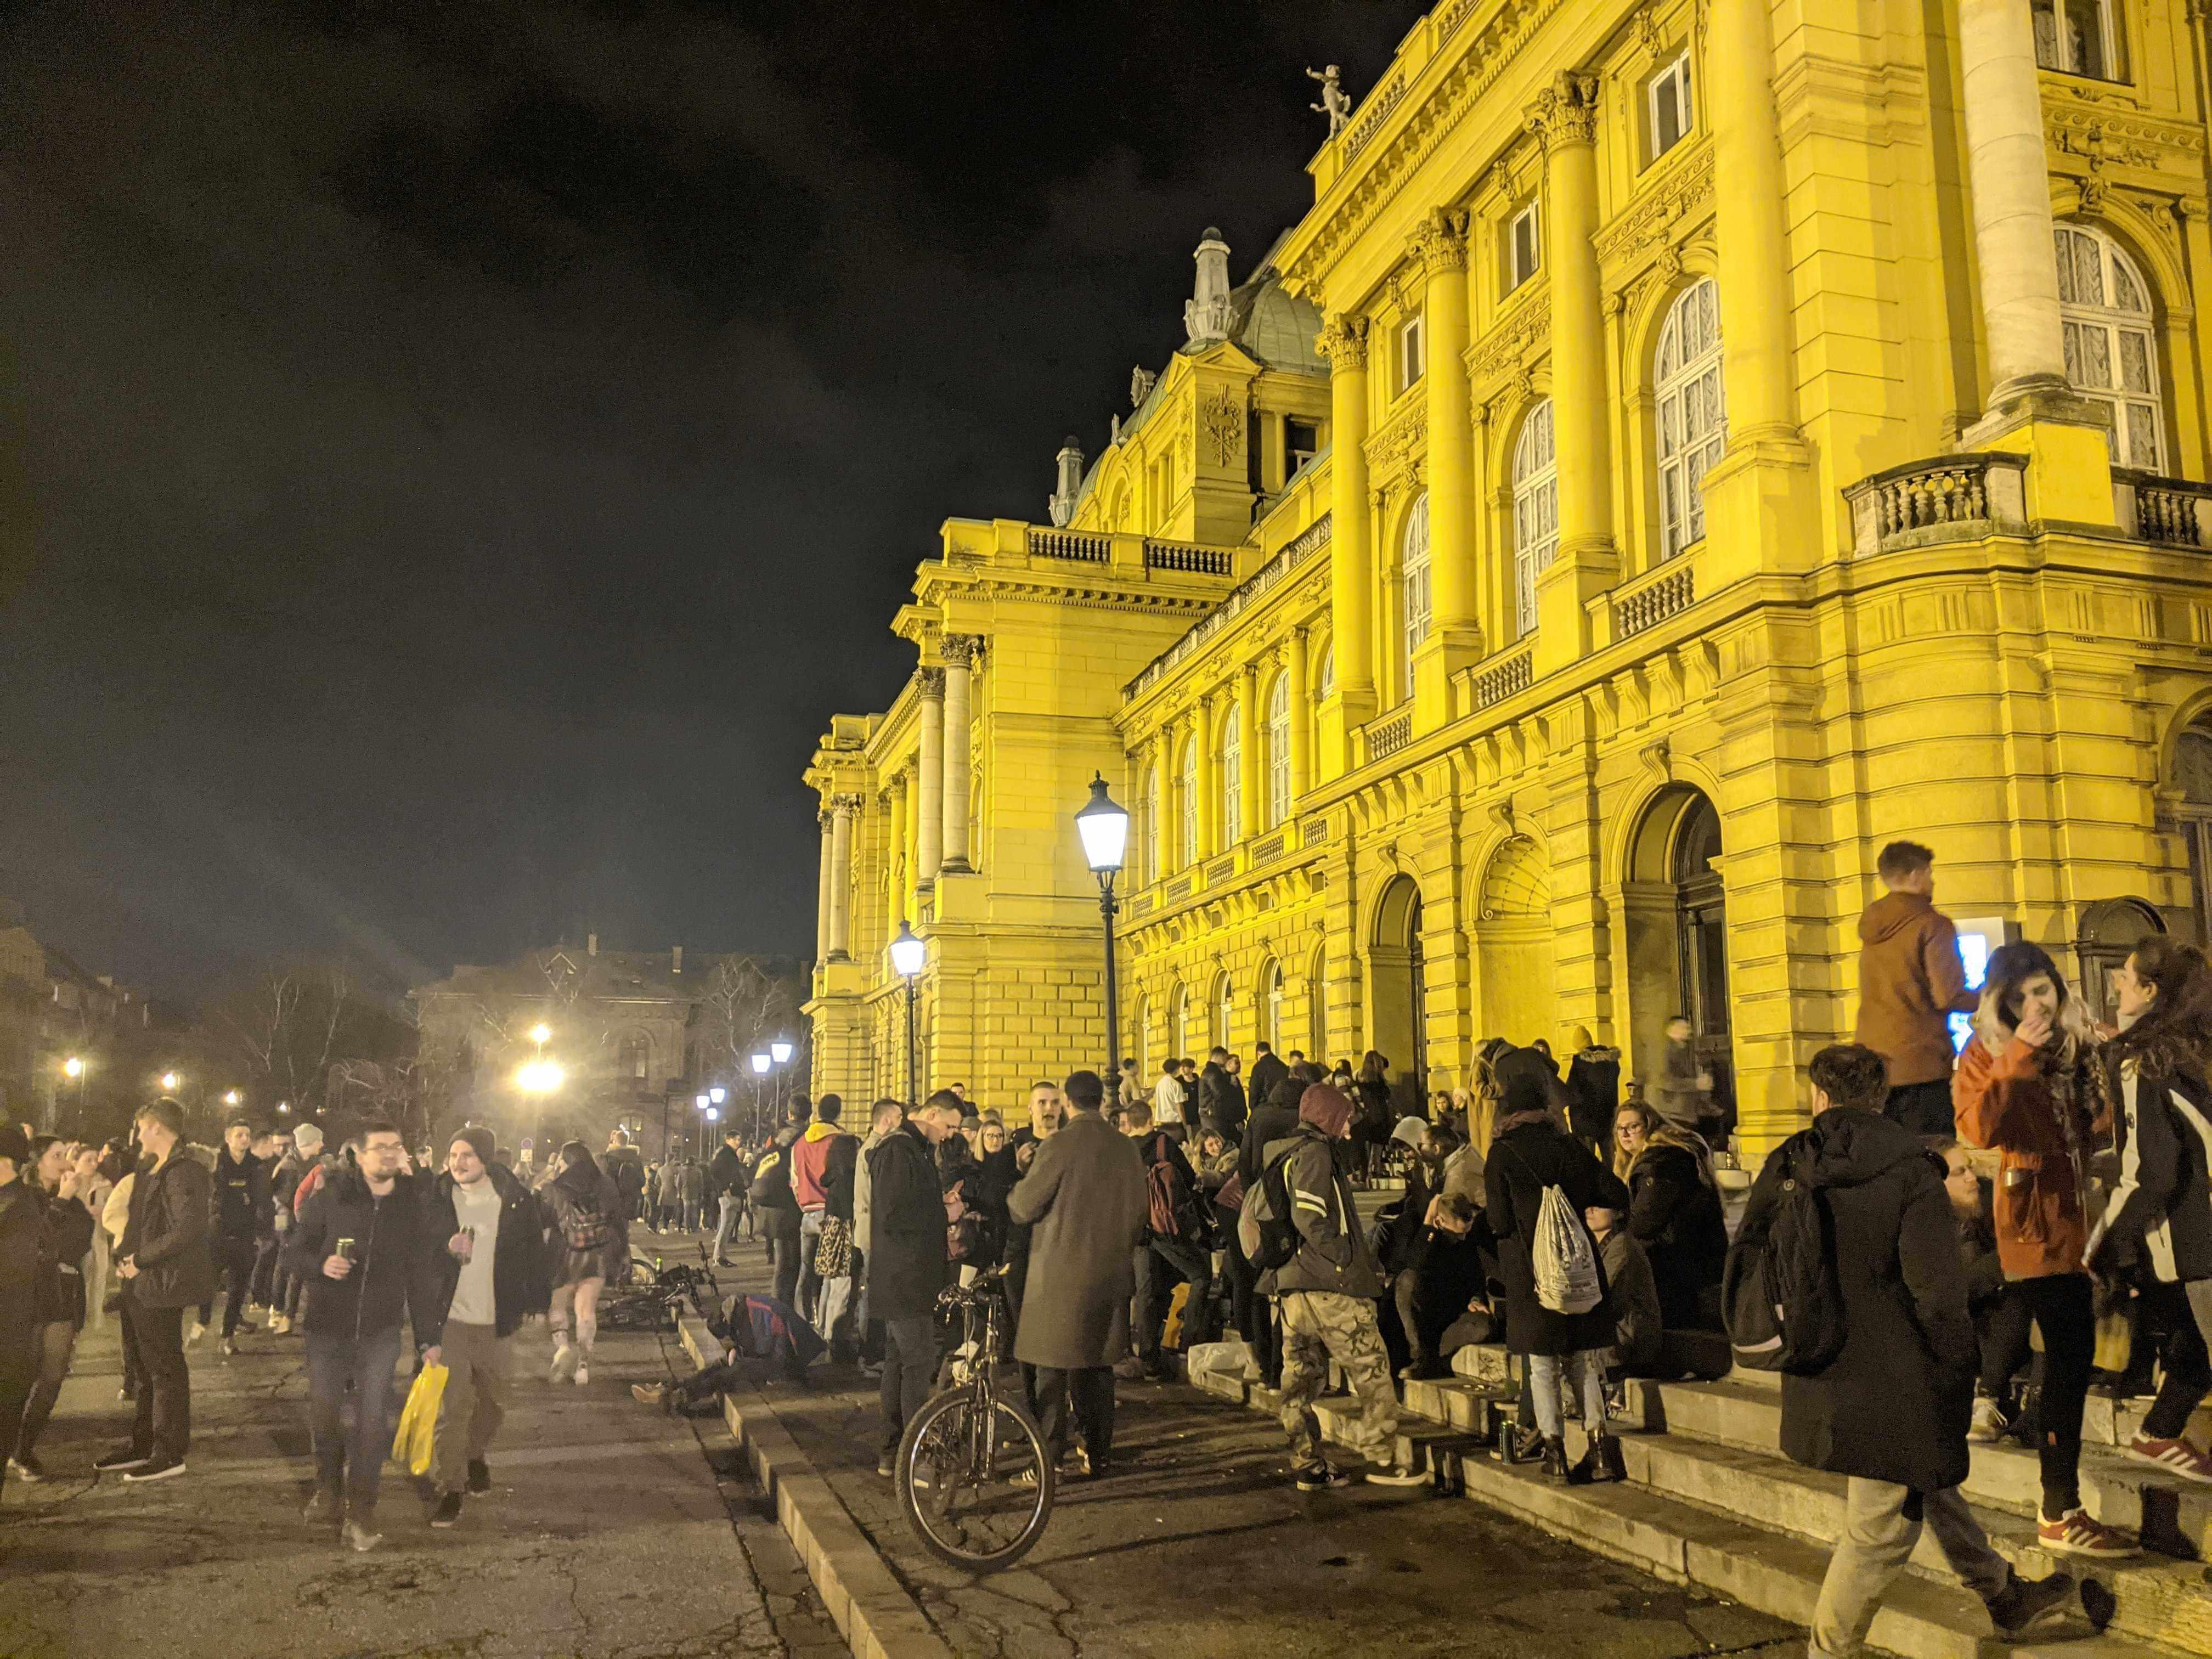 HNK je opet postao okupljalište mladih: Sinoć je ondje bilo veselo